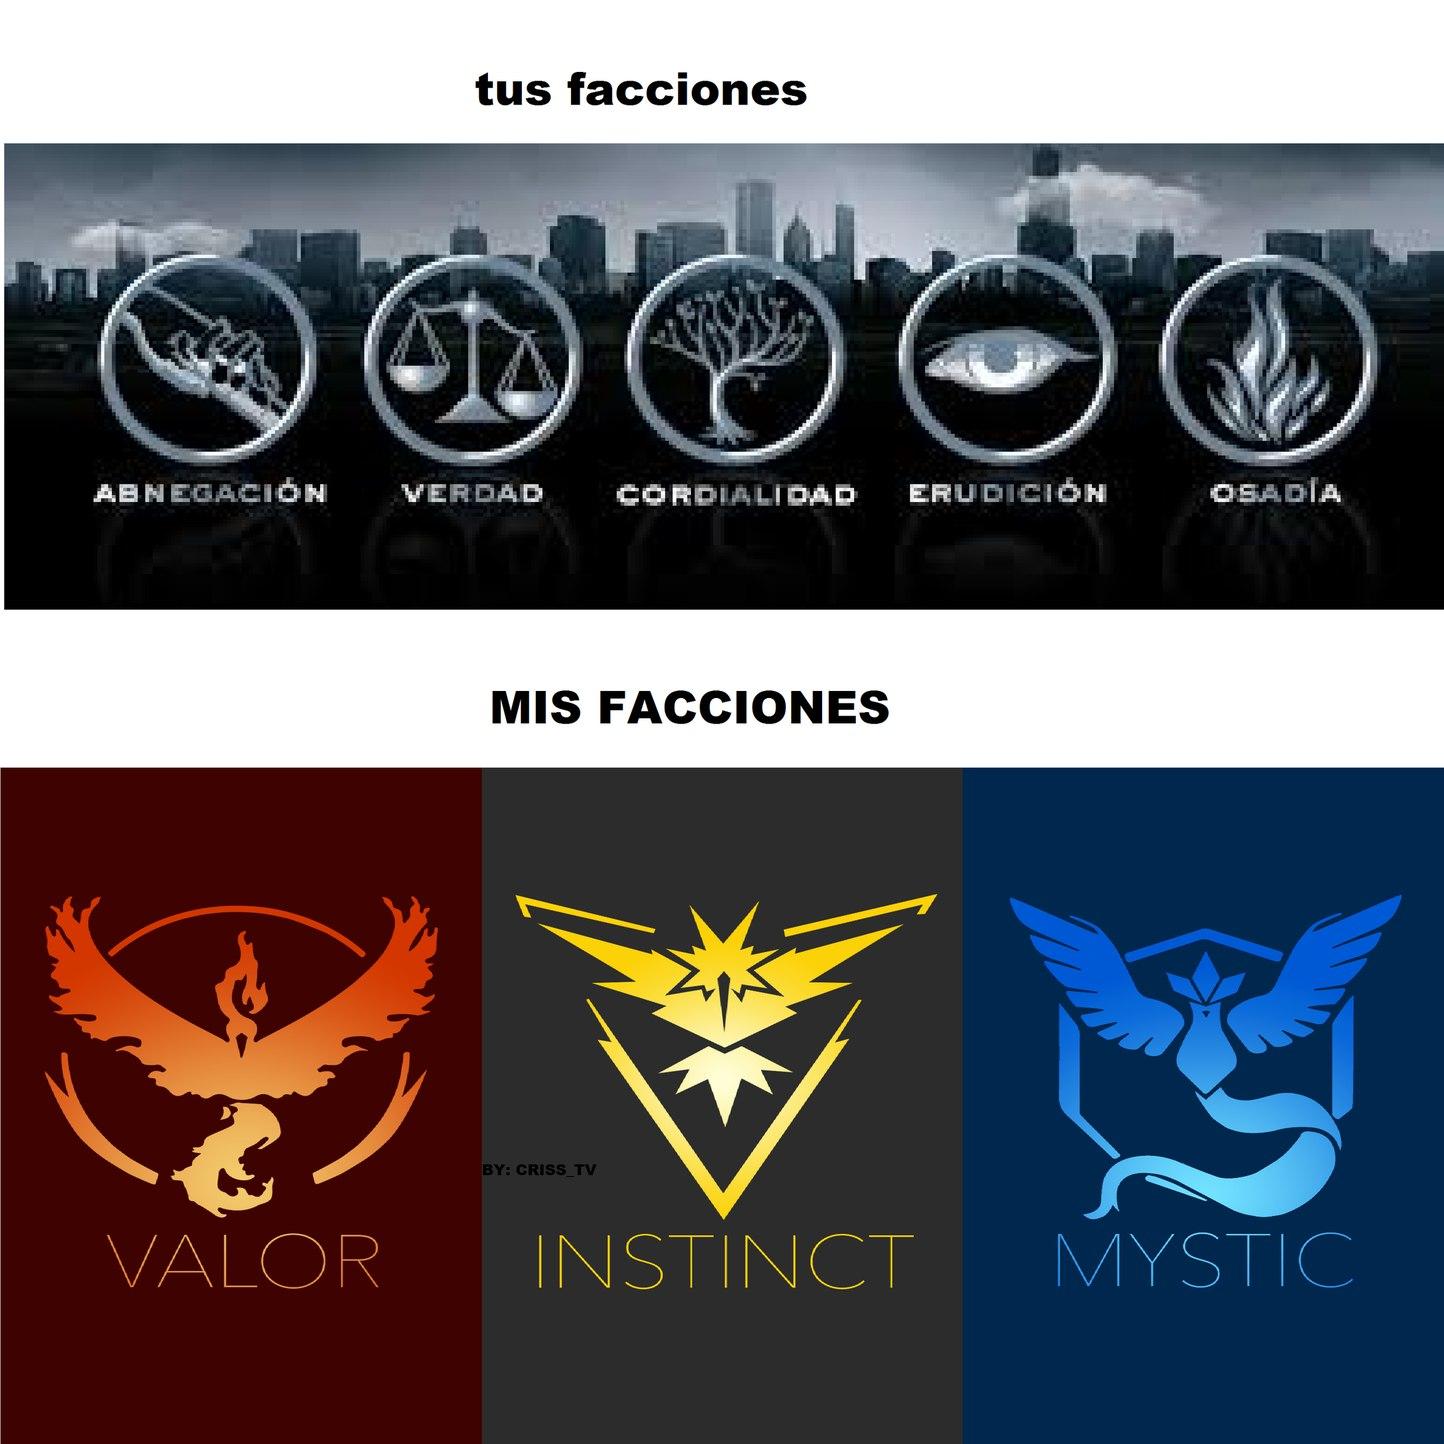 #team instinct, que facción eres? - meme